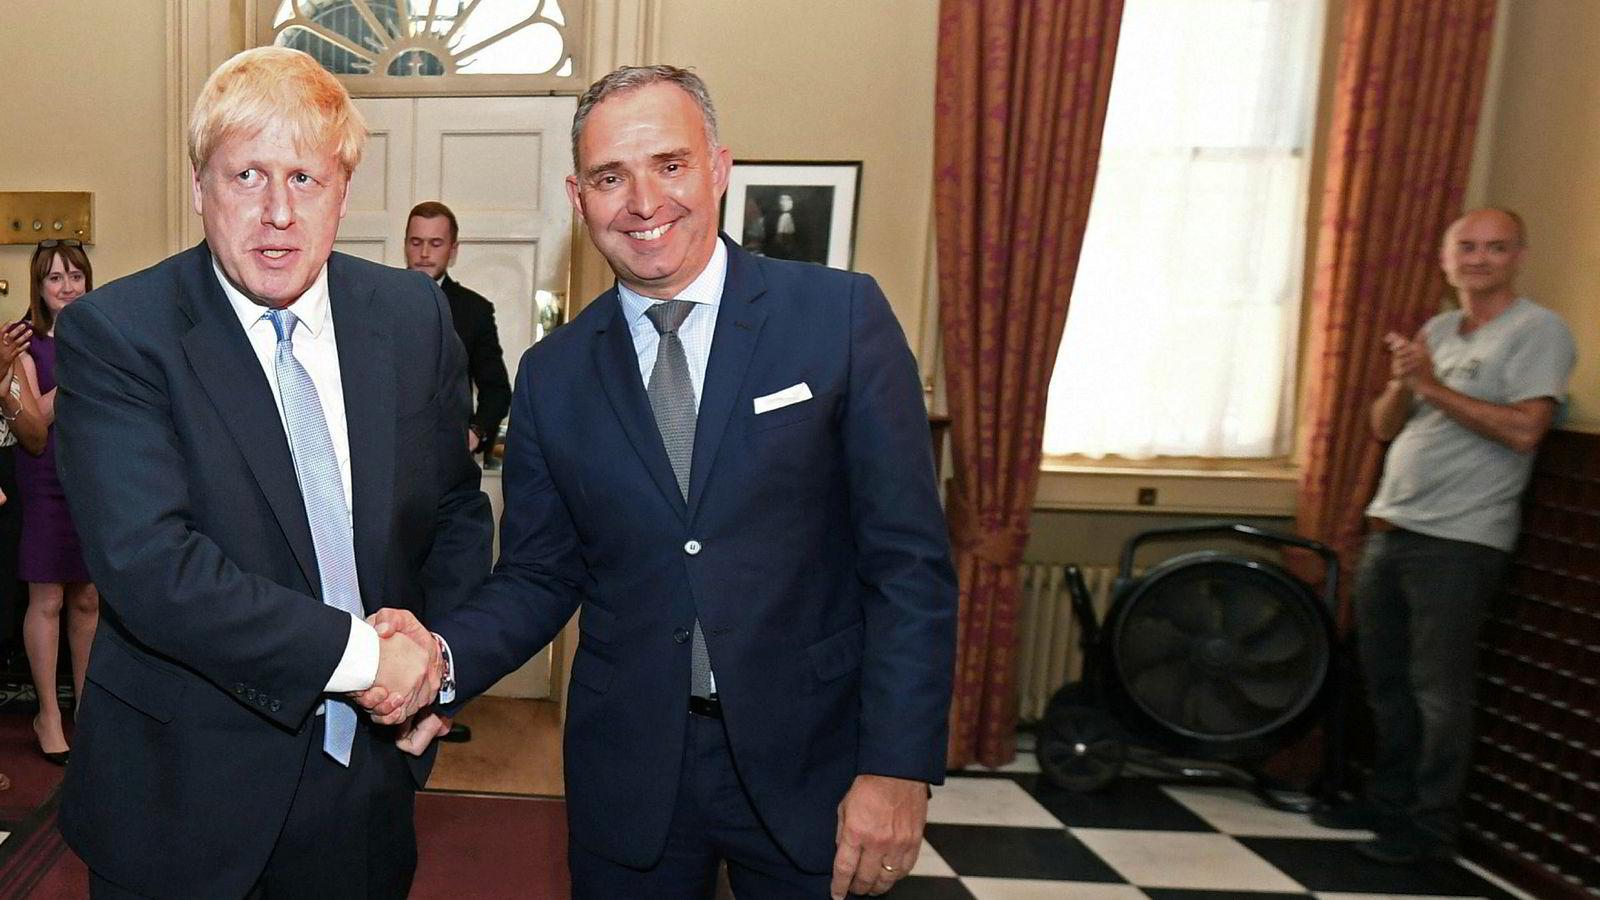 Statsminister Boris Johnson hilser på Sir Mark Sedwill, som er øverste byråkrat i Storbritannia, mens den omstridte rådgiveren Dominic Cummings står henslengt i bakgrunnen.